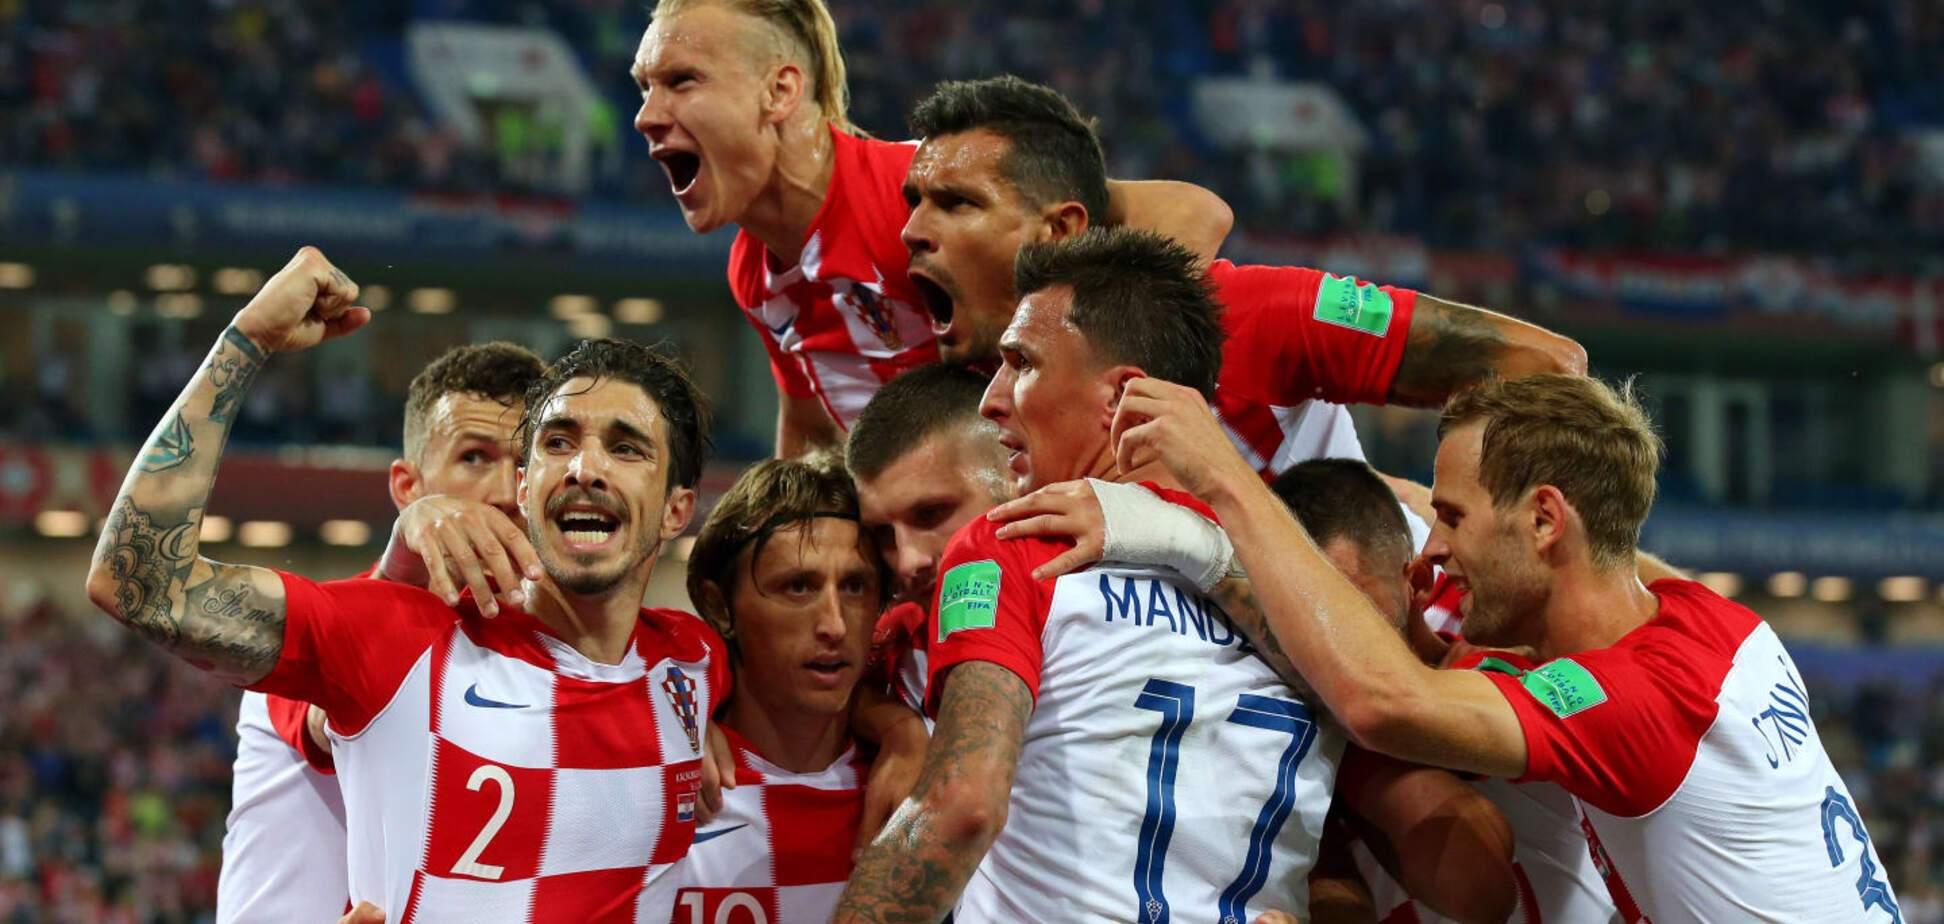 Хорвати здобули неймовірну перемогу над іспанцями